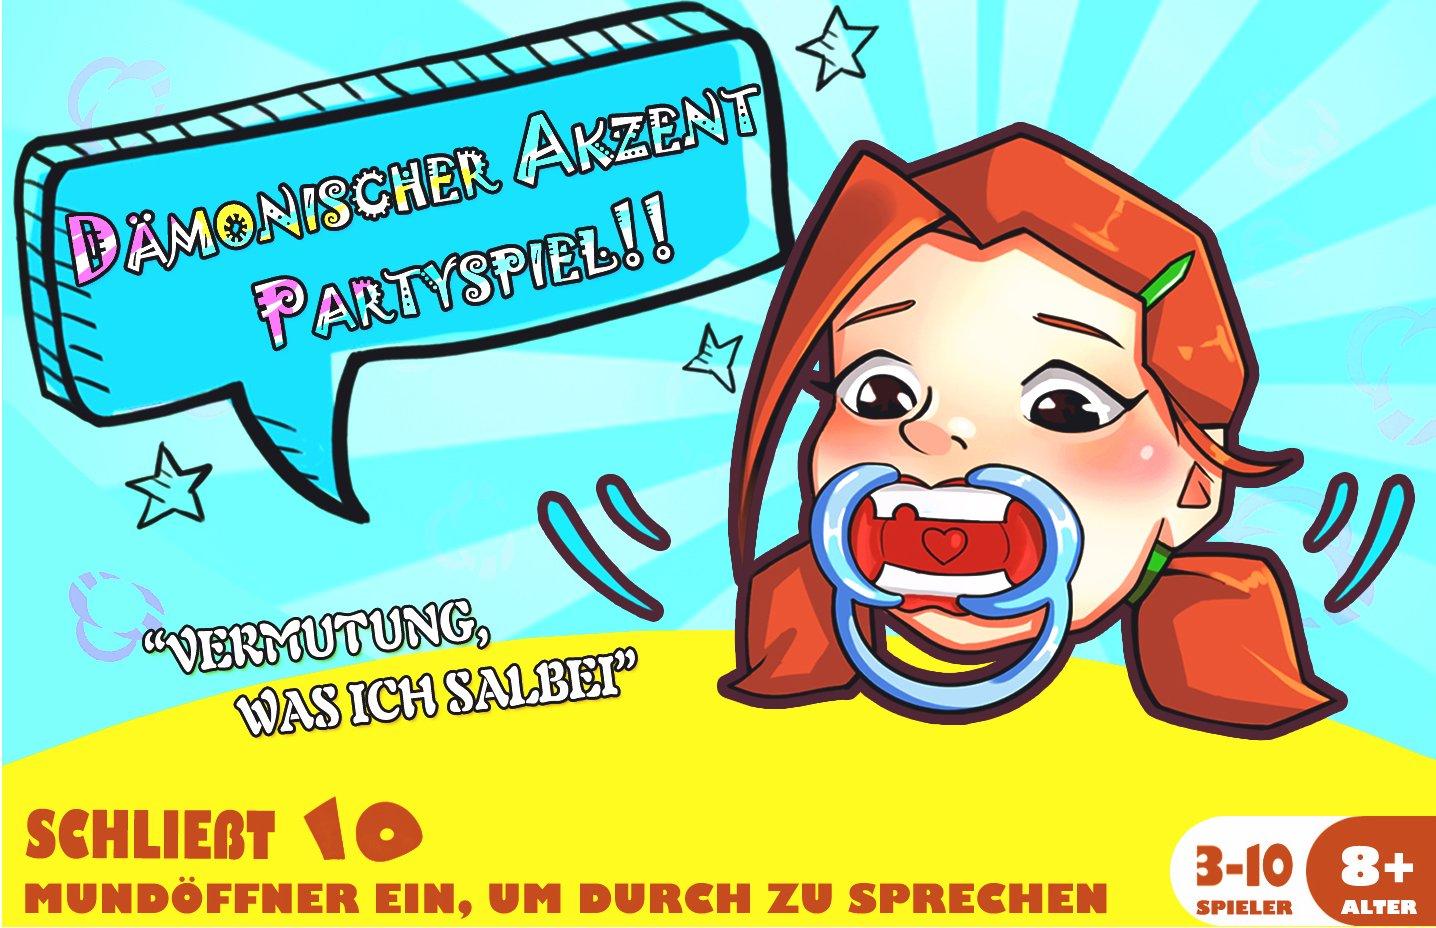 Frola-Dmonischer-Akzent-Partyspiel-Deutsche-Ausgabe-10-BPA-Free-Mundstcke-400-Witzige-Phrase-und-54-Blank-Cards-Urkomisch-Klartext-Partyspiel-Familienausgabe